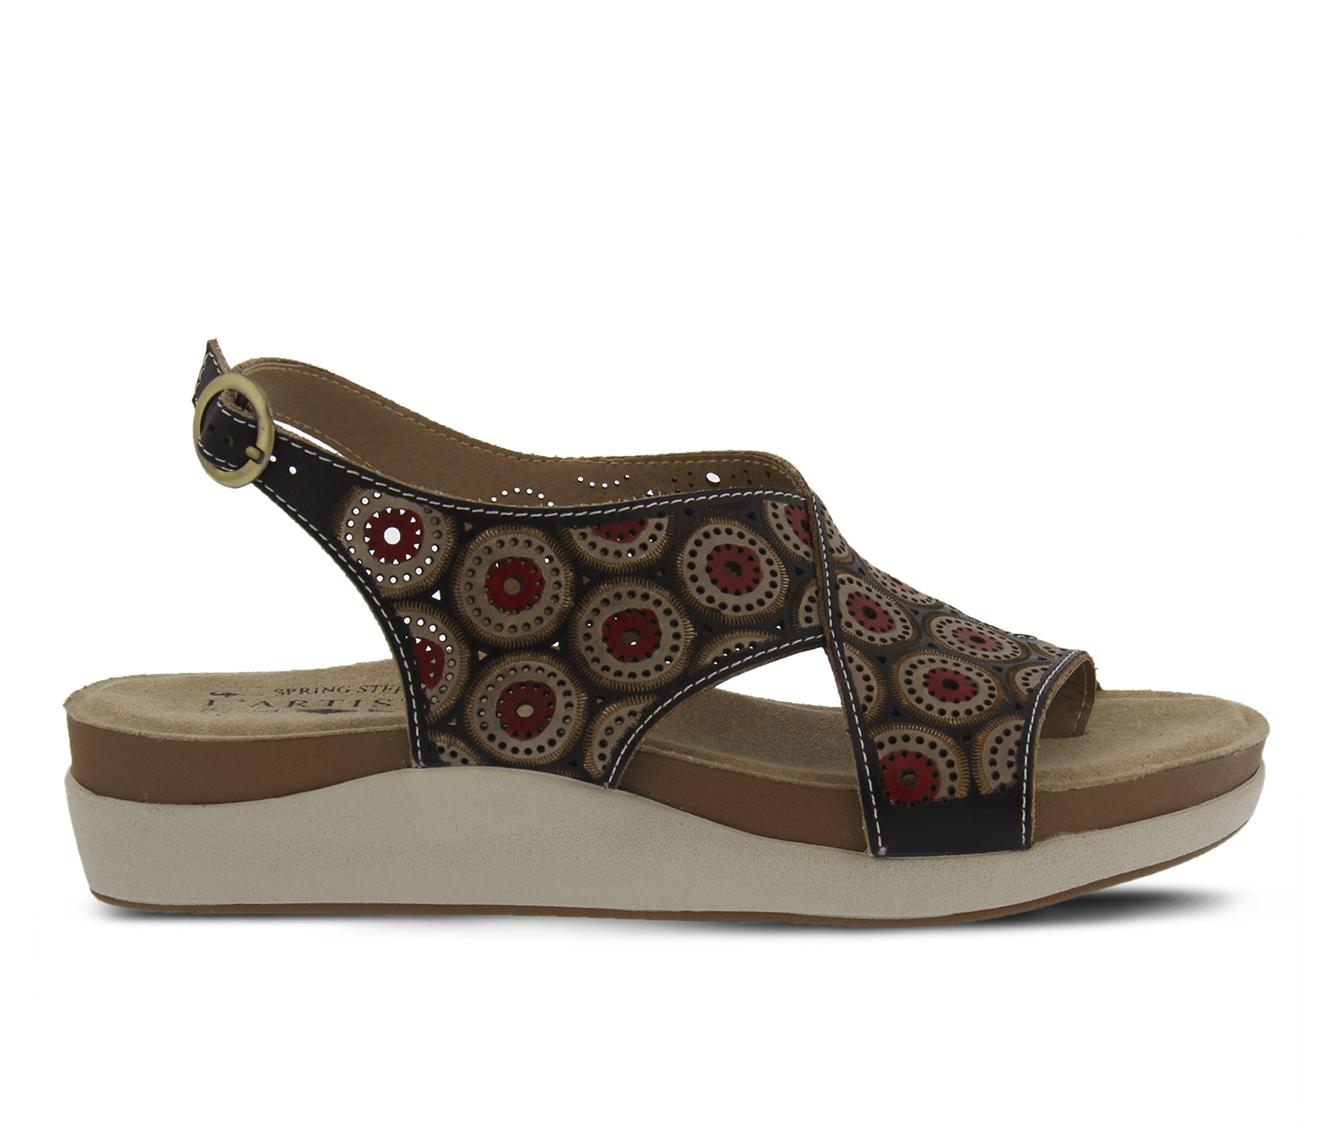 L'Artiste Erice Women's Sandal (Black Leather)